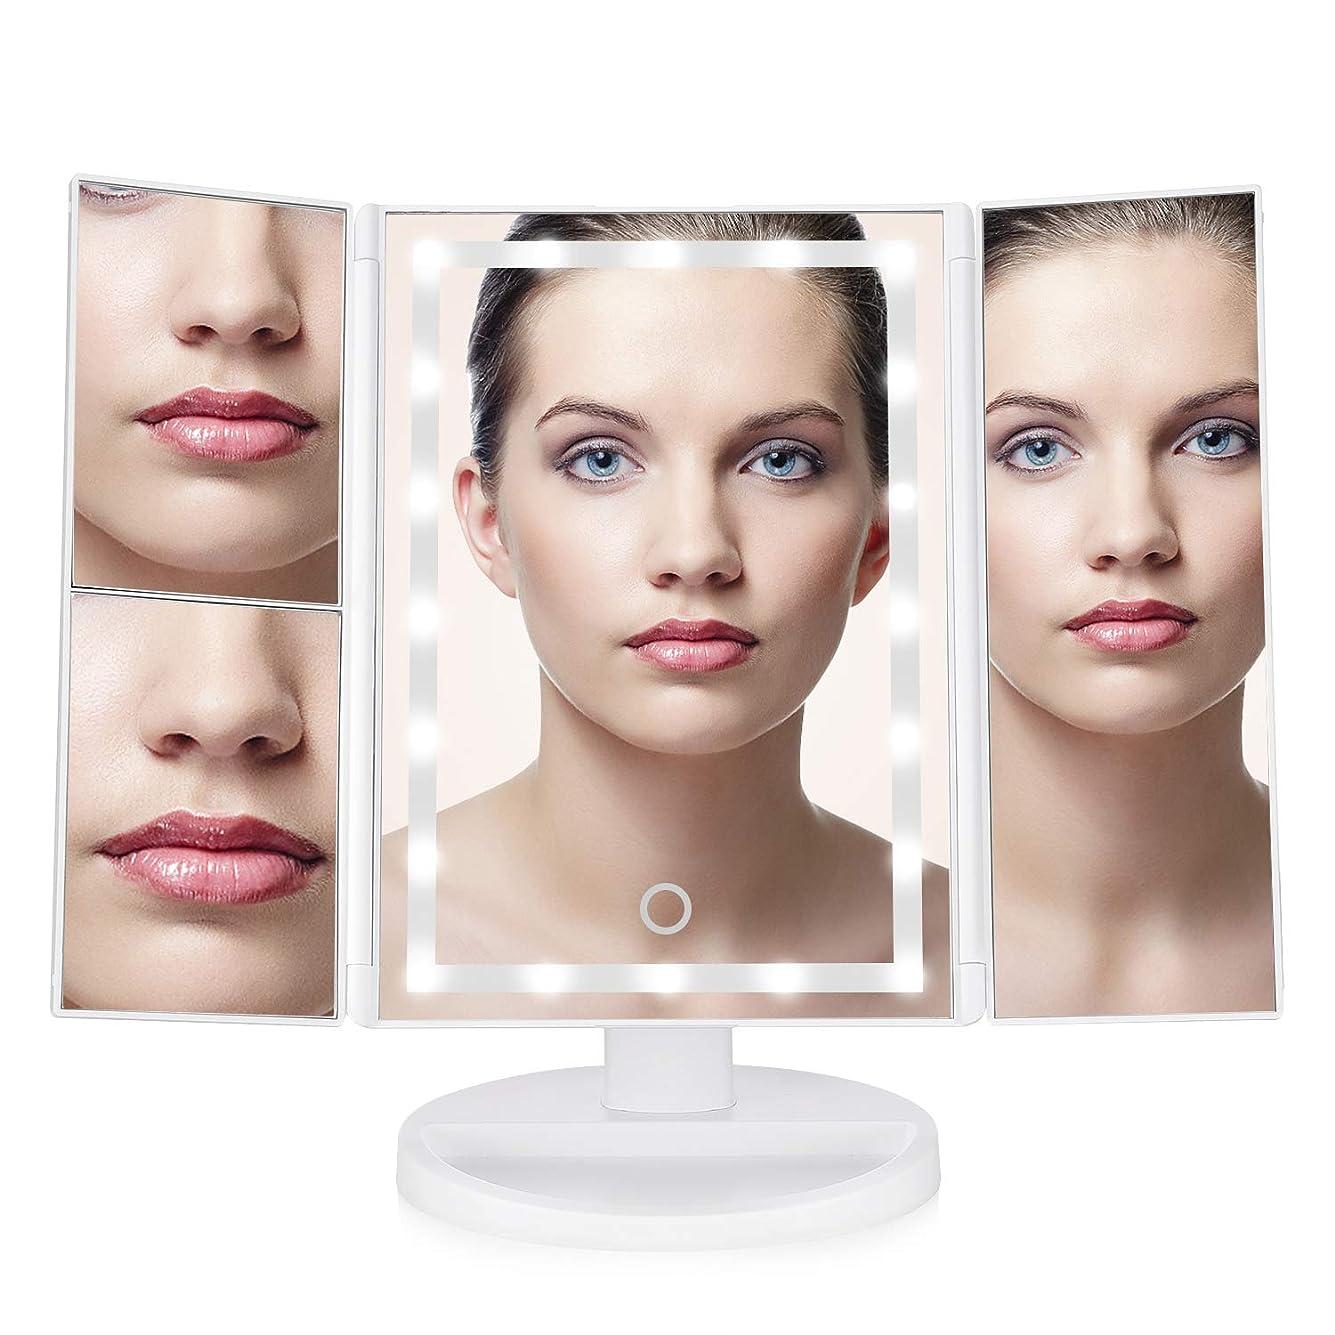 プラットフォーム愚かクック化粧鏡 化粧ミラー 鏡 三面鏡 女優ミラー 卓上 折りたたみ 拡大鏡 2&3倍 ライトの明るさを調節可能 180°回転